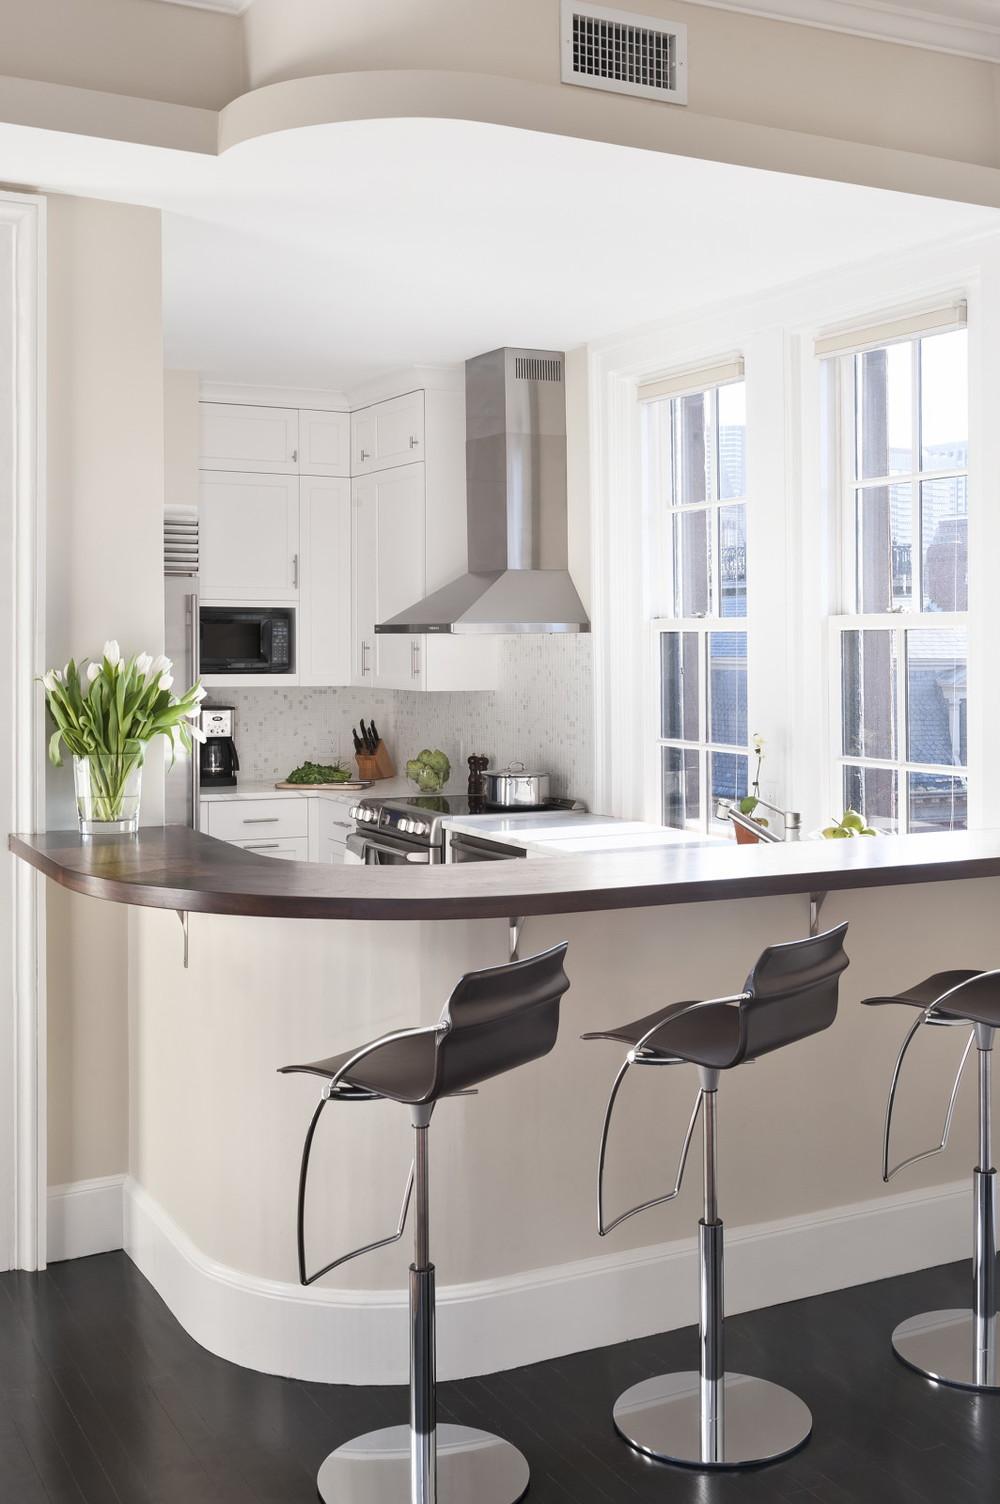 Стильный дизайн интерьера кухни от Ben Gebo Photography